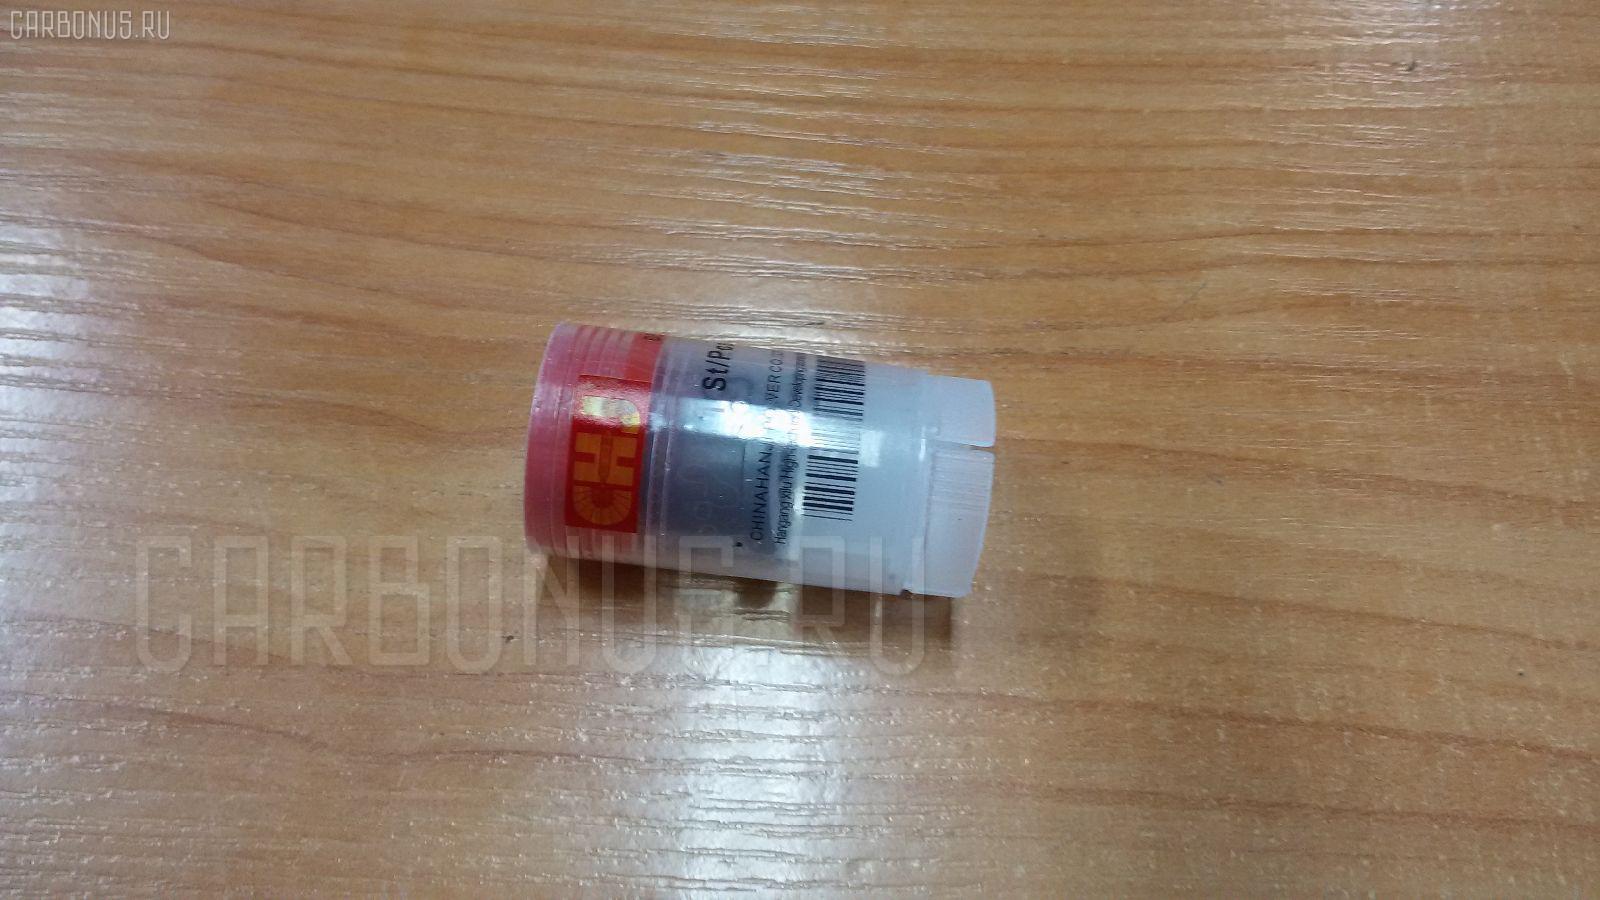 Клапан топливной аппаратуры NISSAN SAFARI VRGY60 TD42 Фото 1